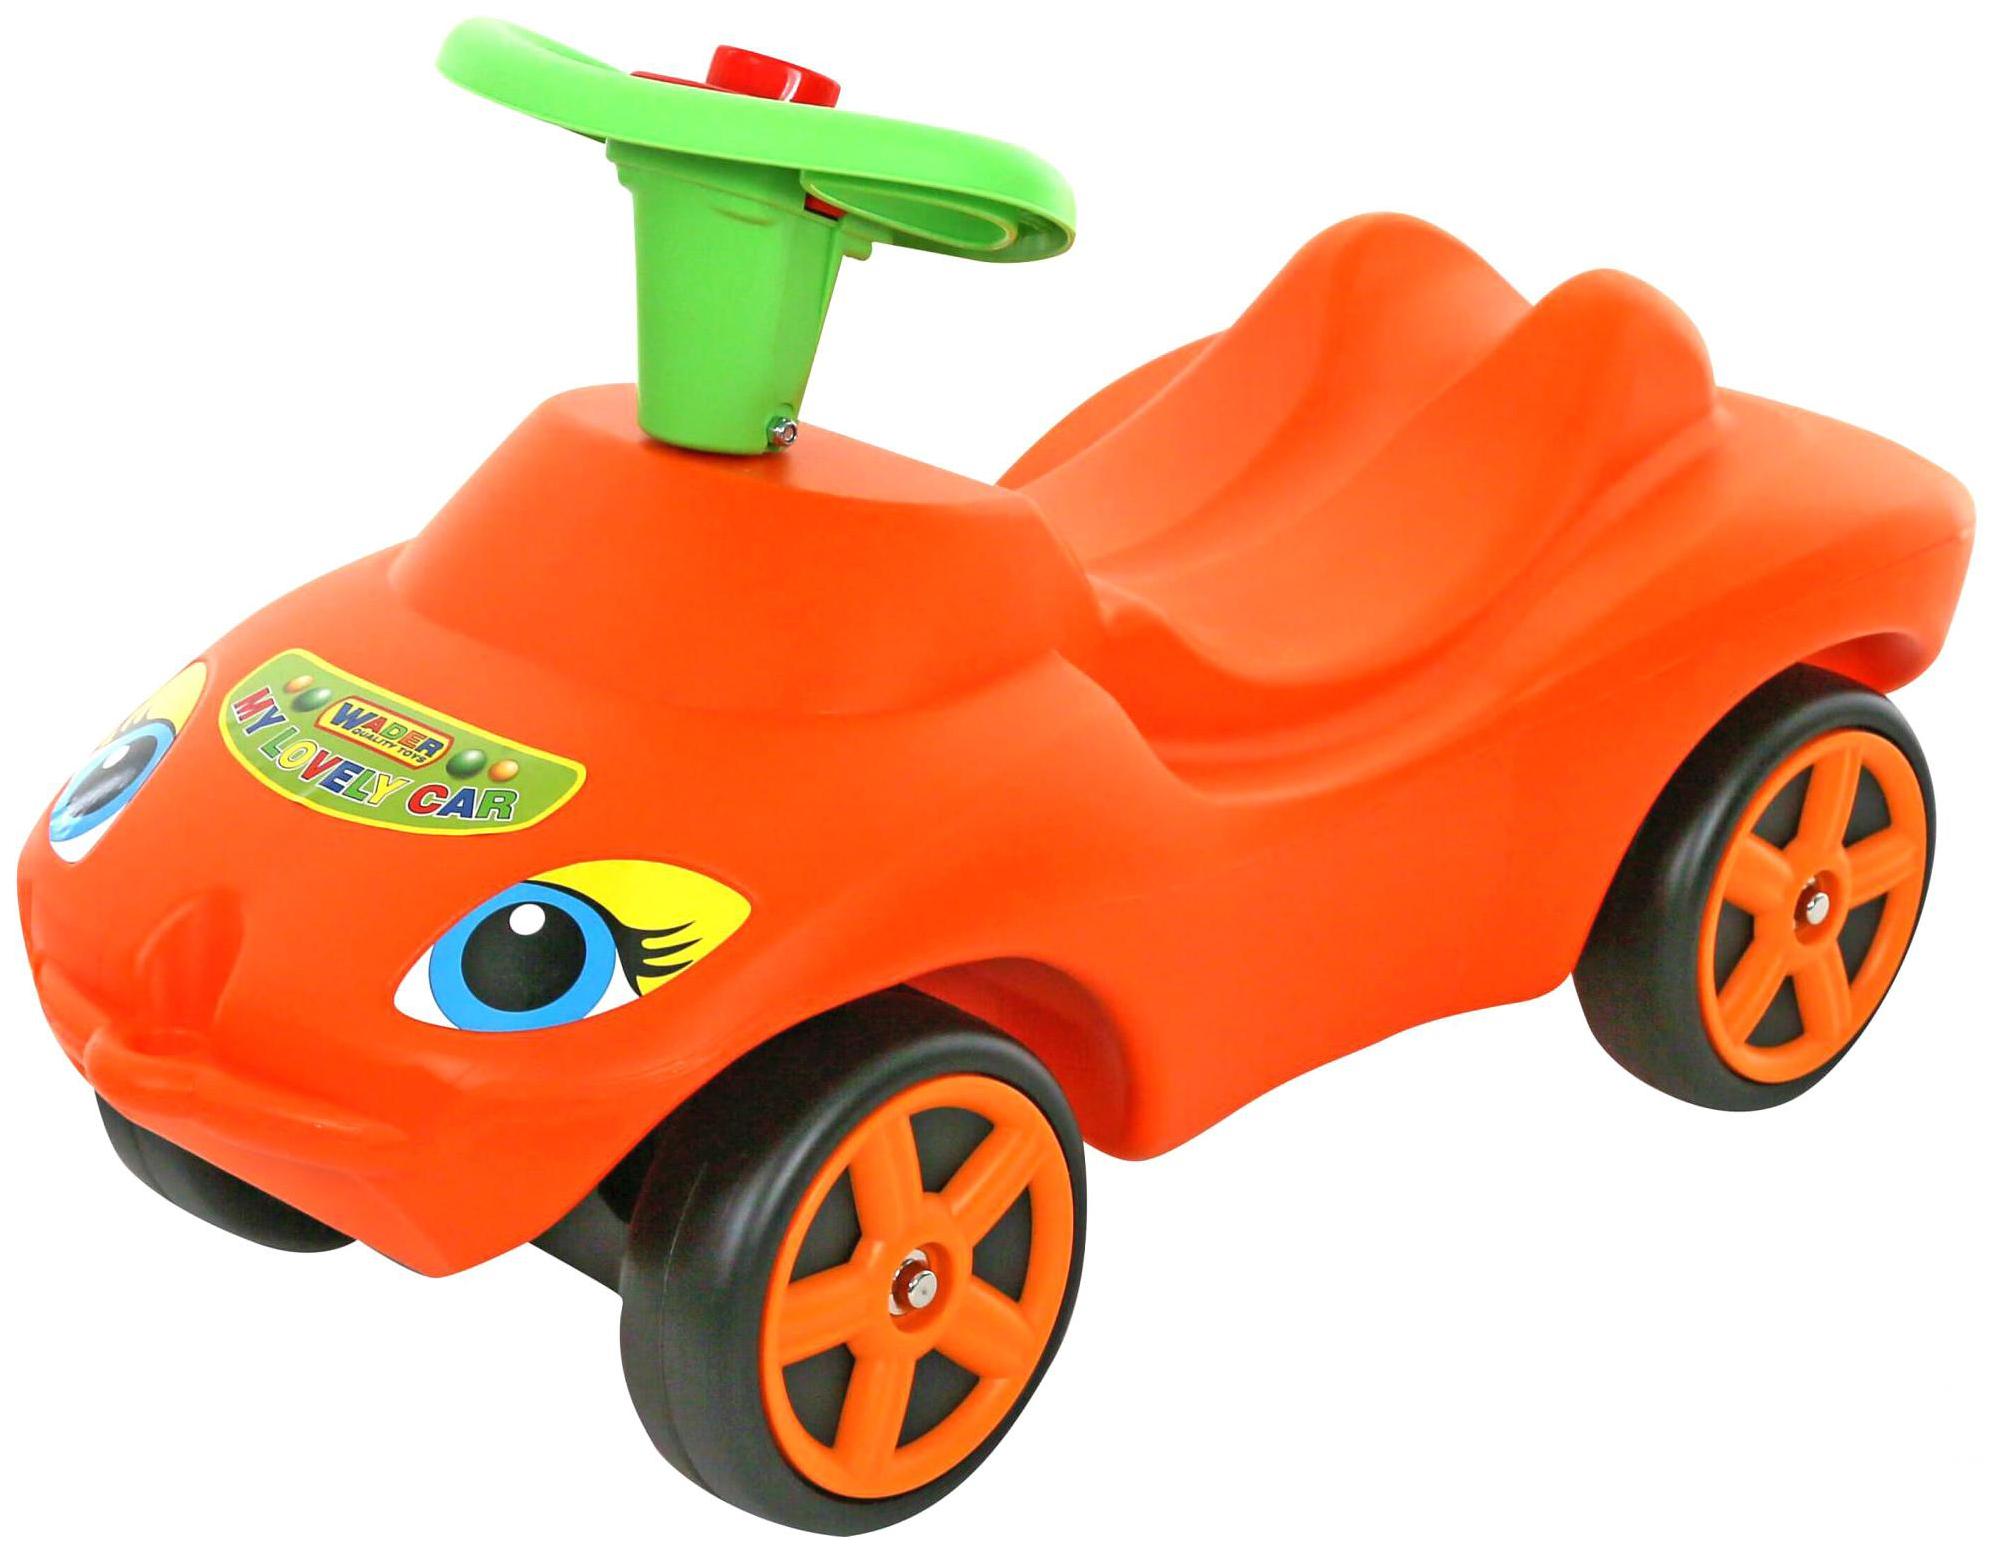 Купить Детский транспорт, Машина-каталка Полесье Мой любимый автомобиль Оранжевый со звуковым сигналом, Wader, Машинки каталки